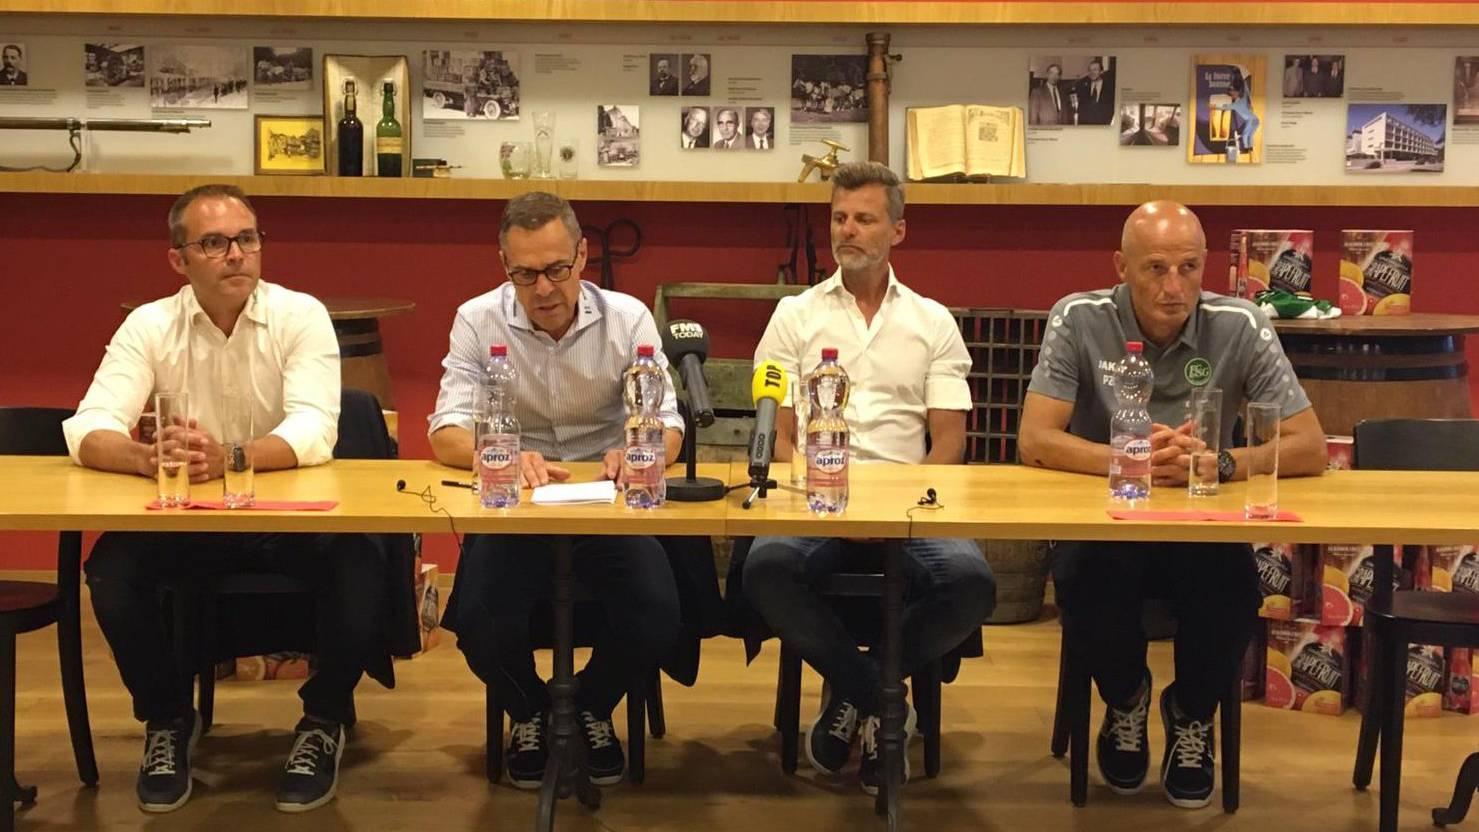 Mediensprecher Daniel Last, Präsident Matthias Hüppi, Sportchef Alain Sutter und Trainer Peter Zeidler.